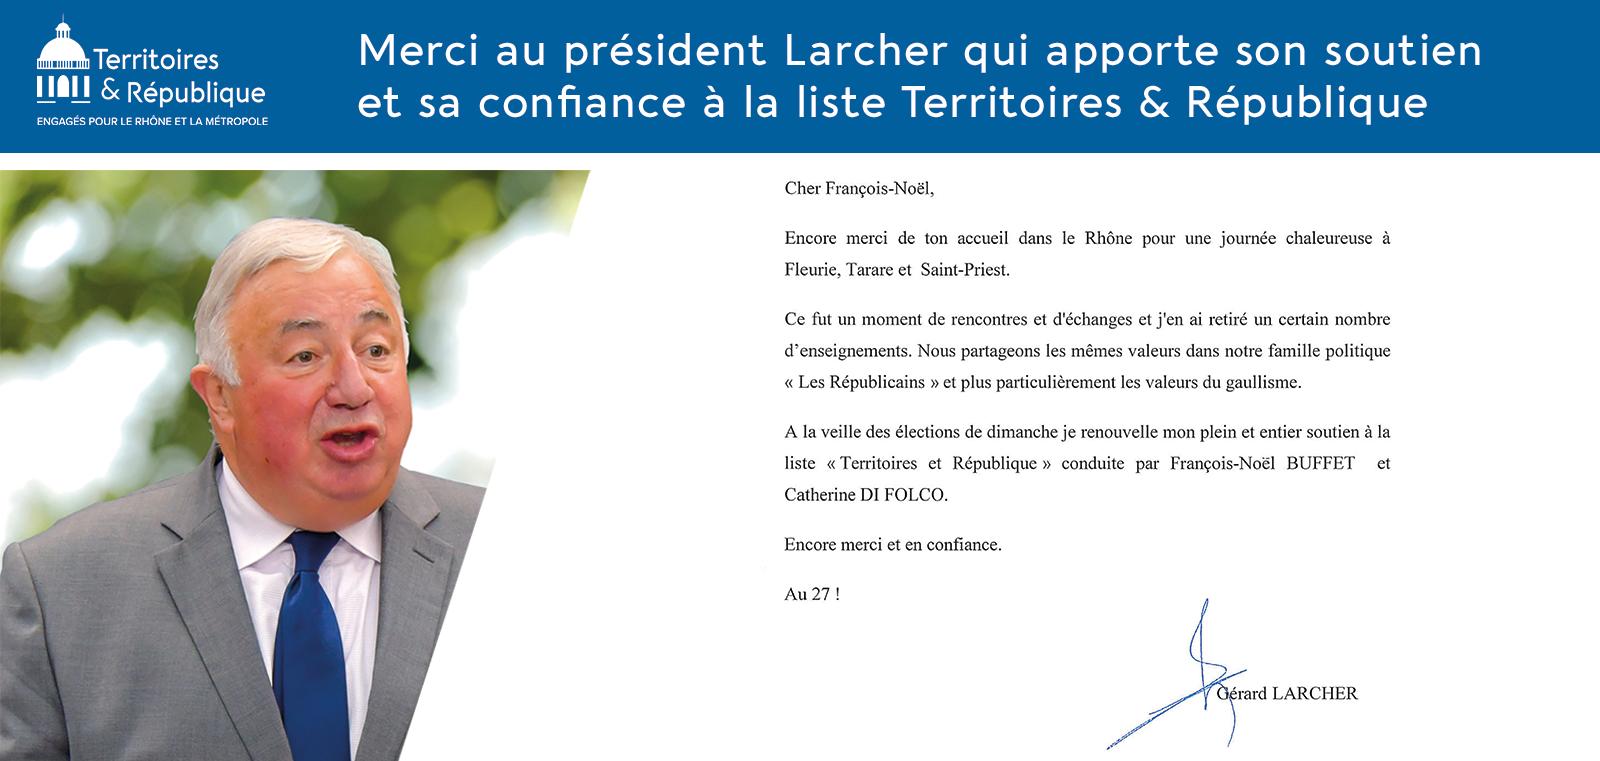 Soutine de Gérard Larcher, président du Sénat